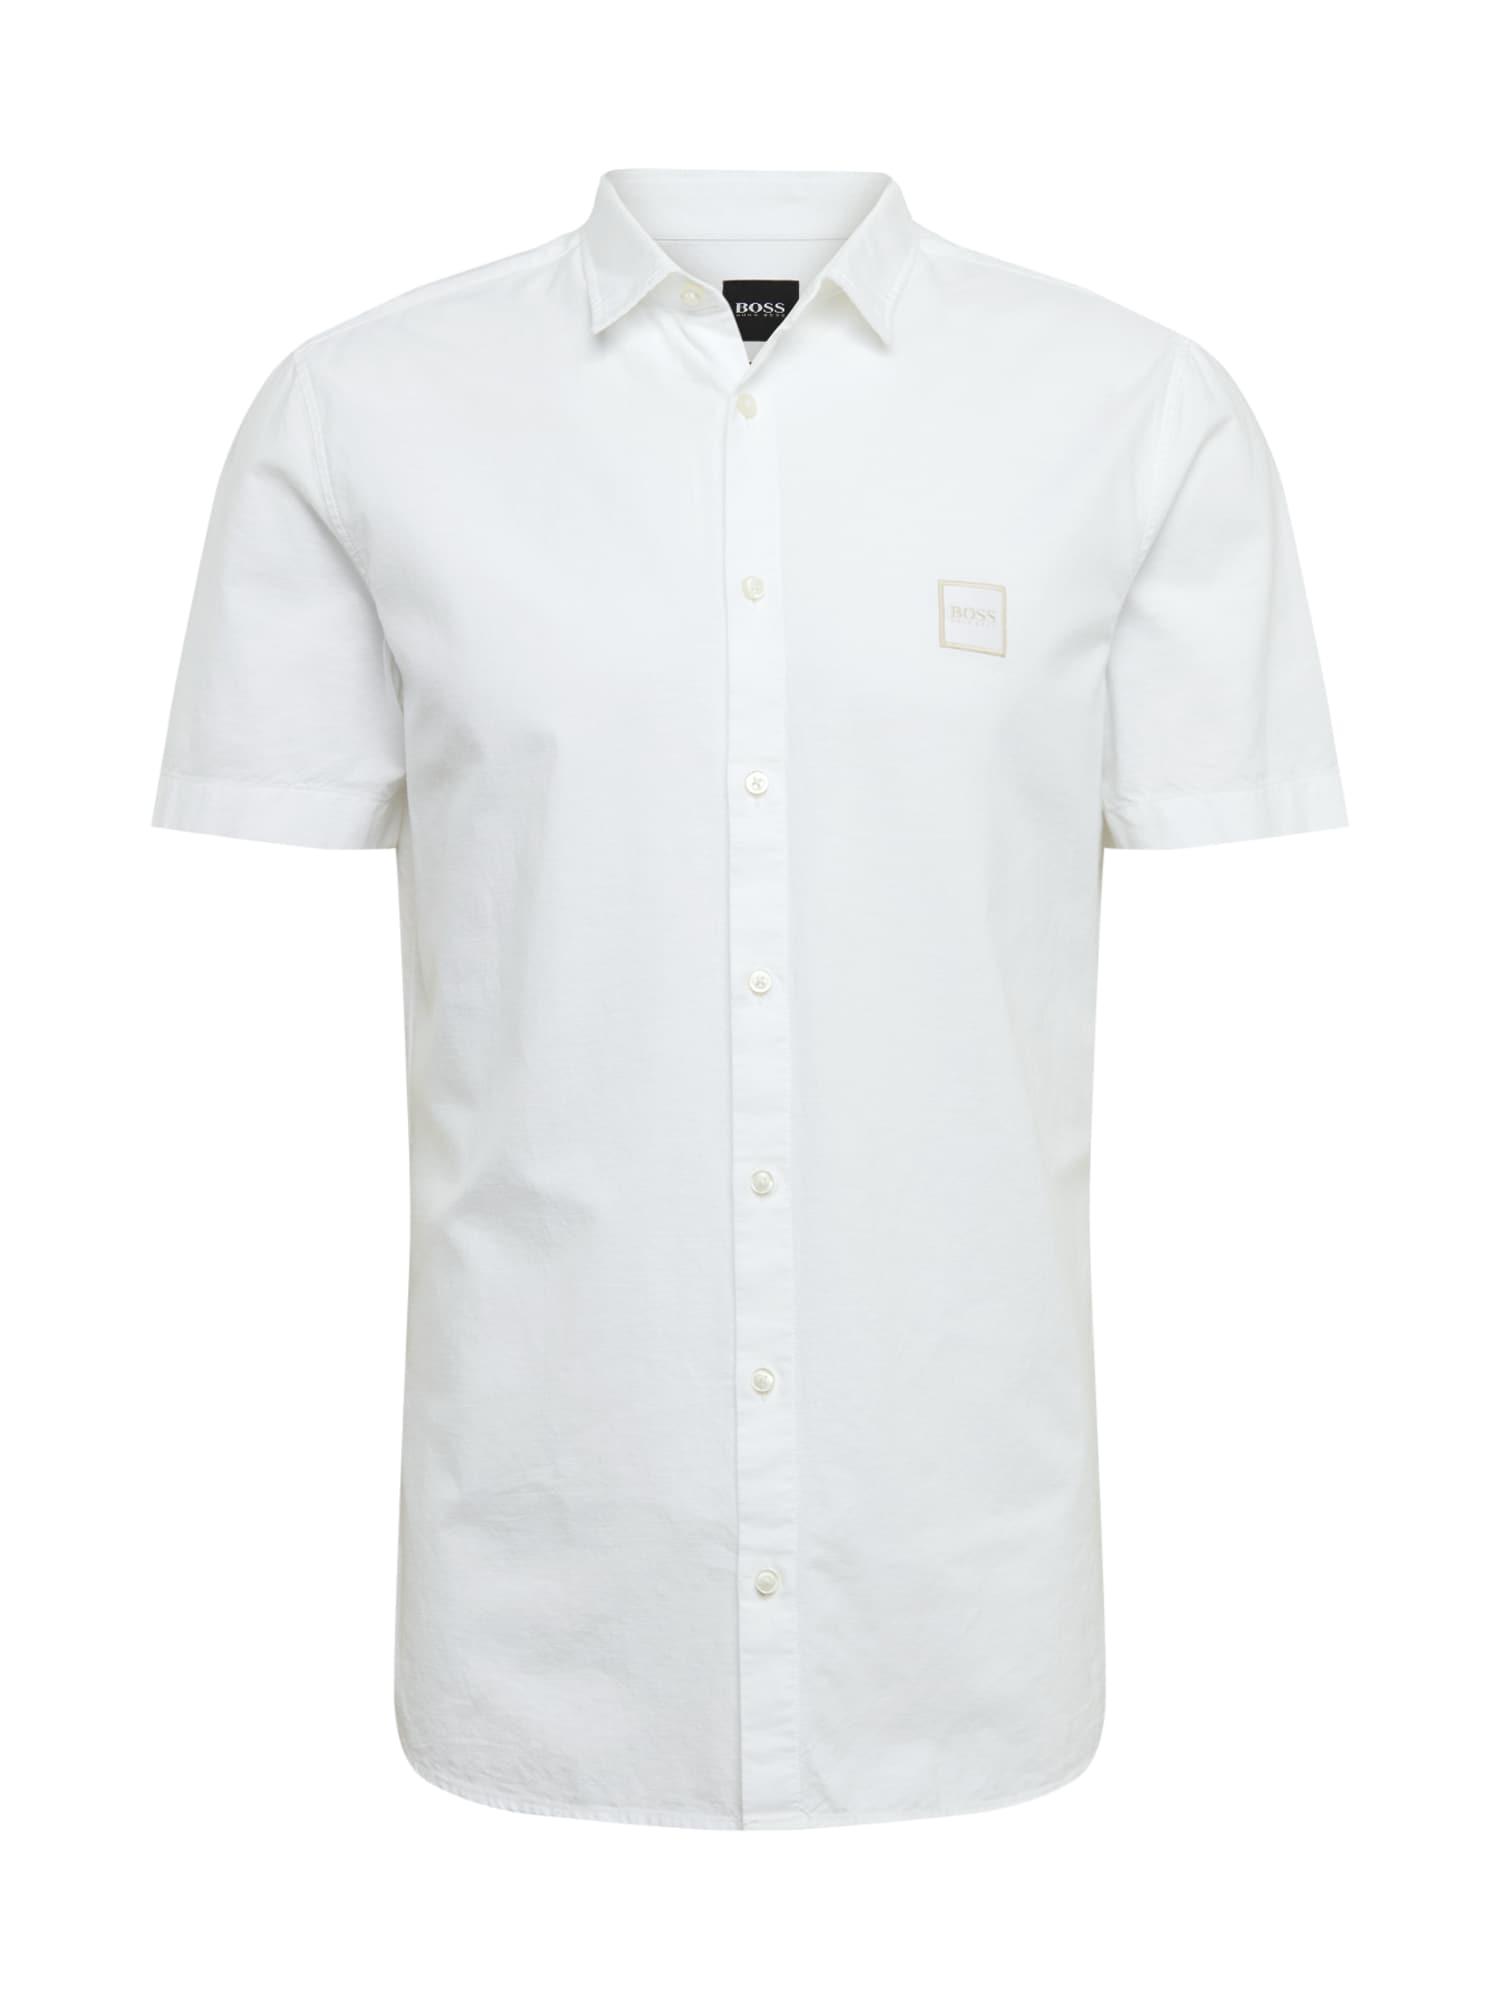 BOSS Dalykiniai marškiniai 'Magneton' balta